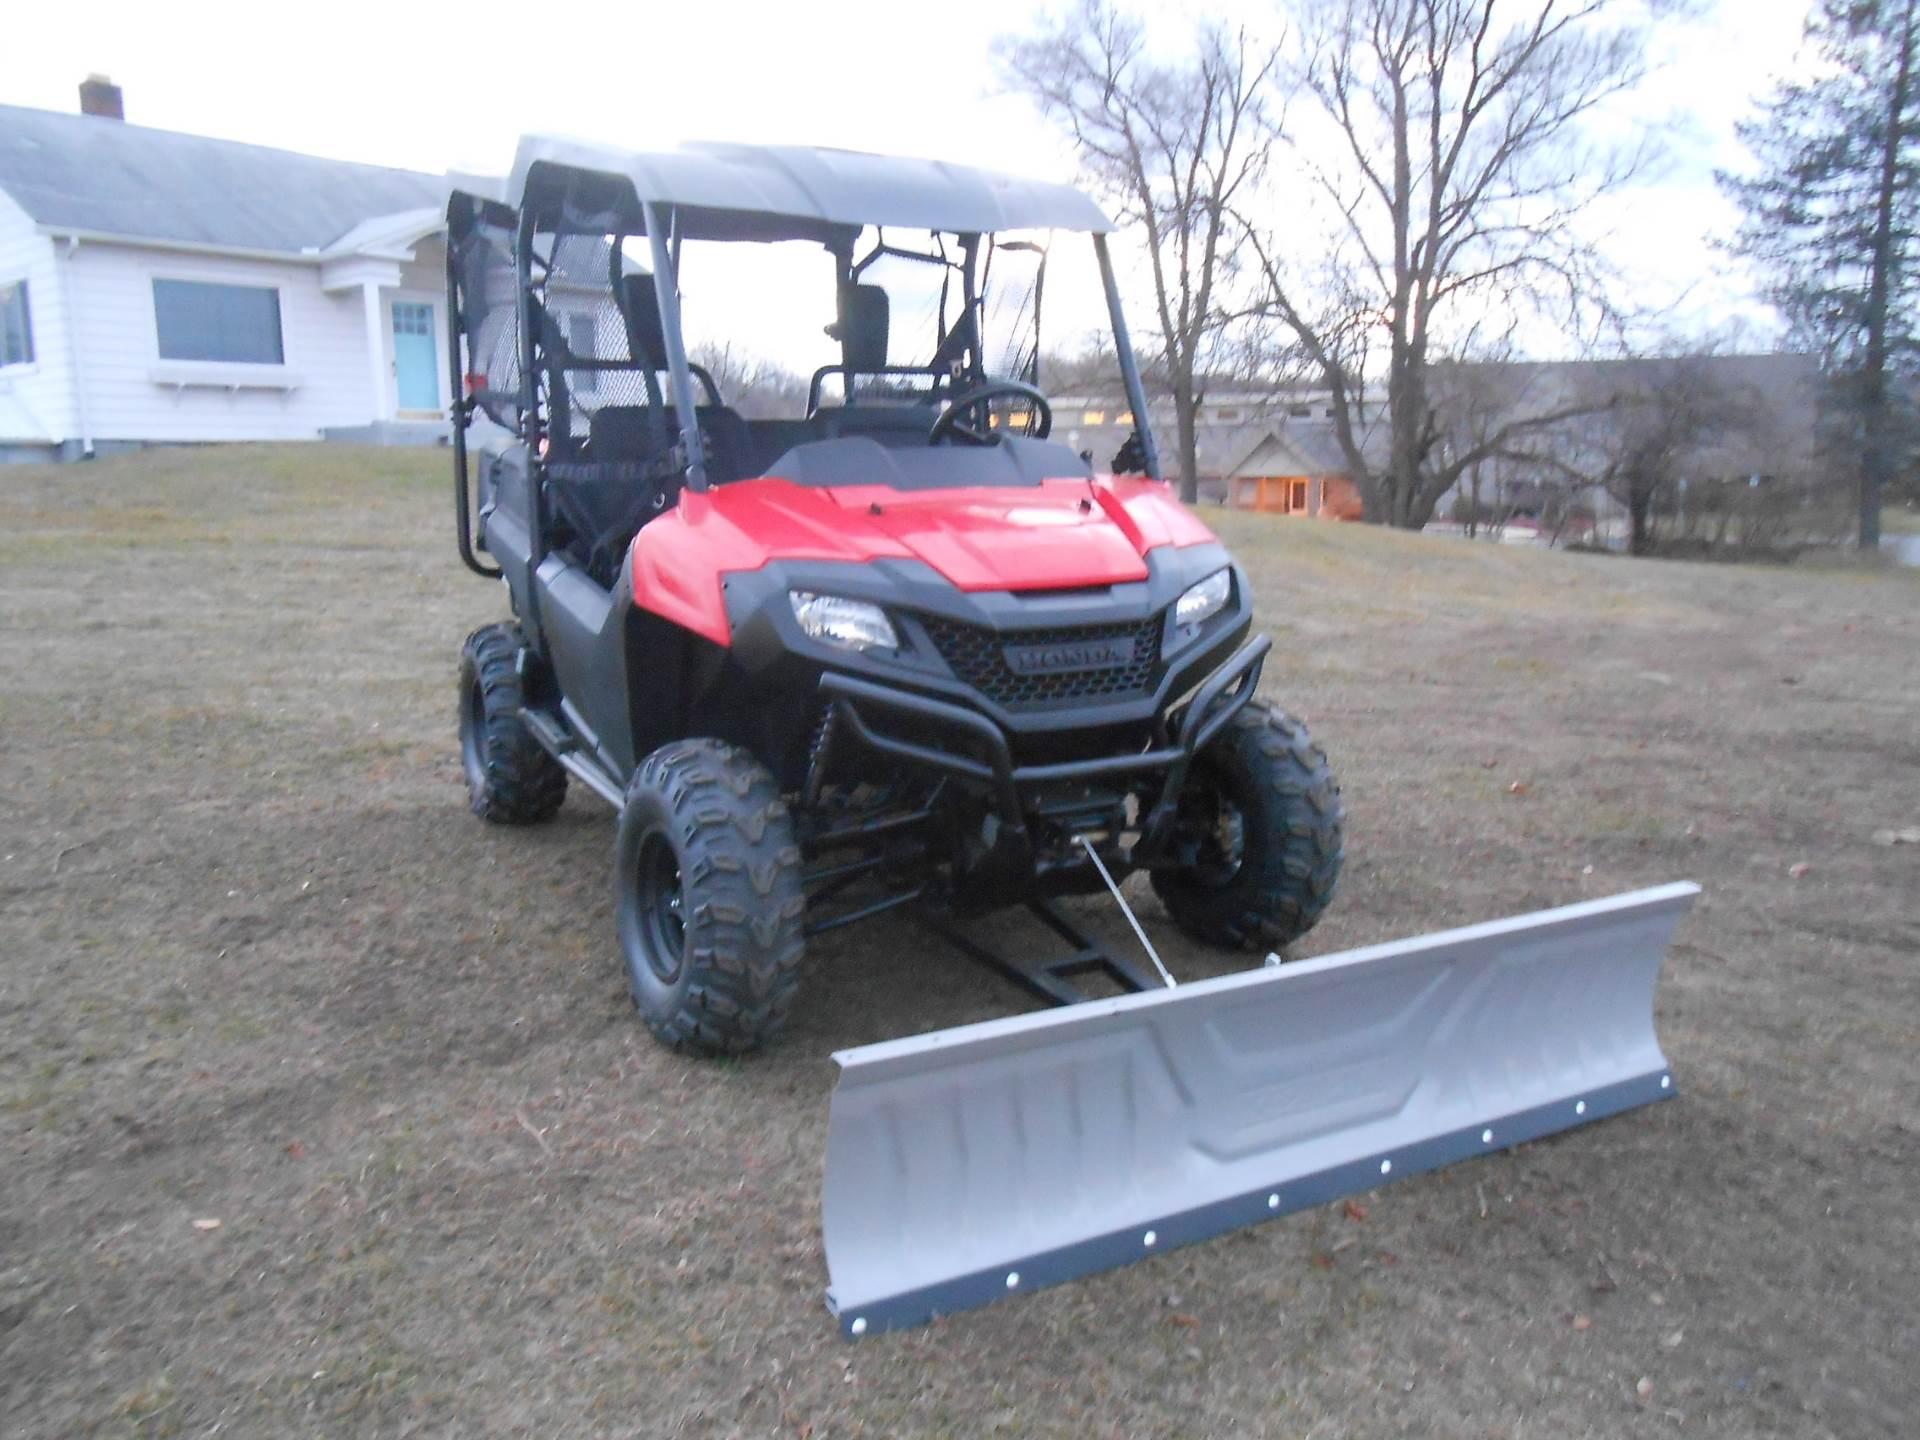 2014 Pioneer 700-4